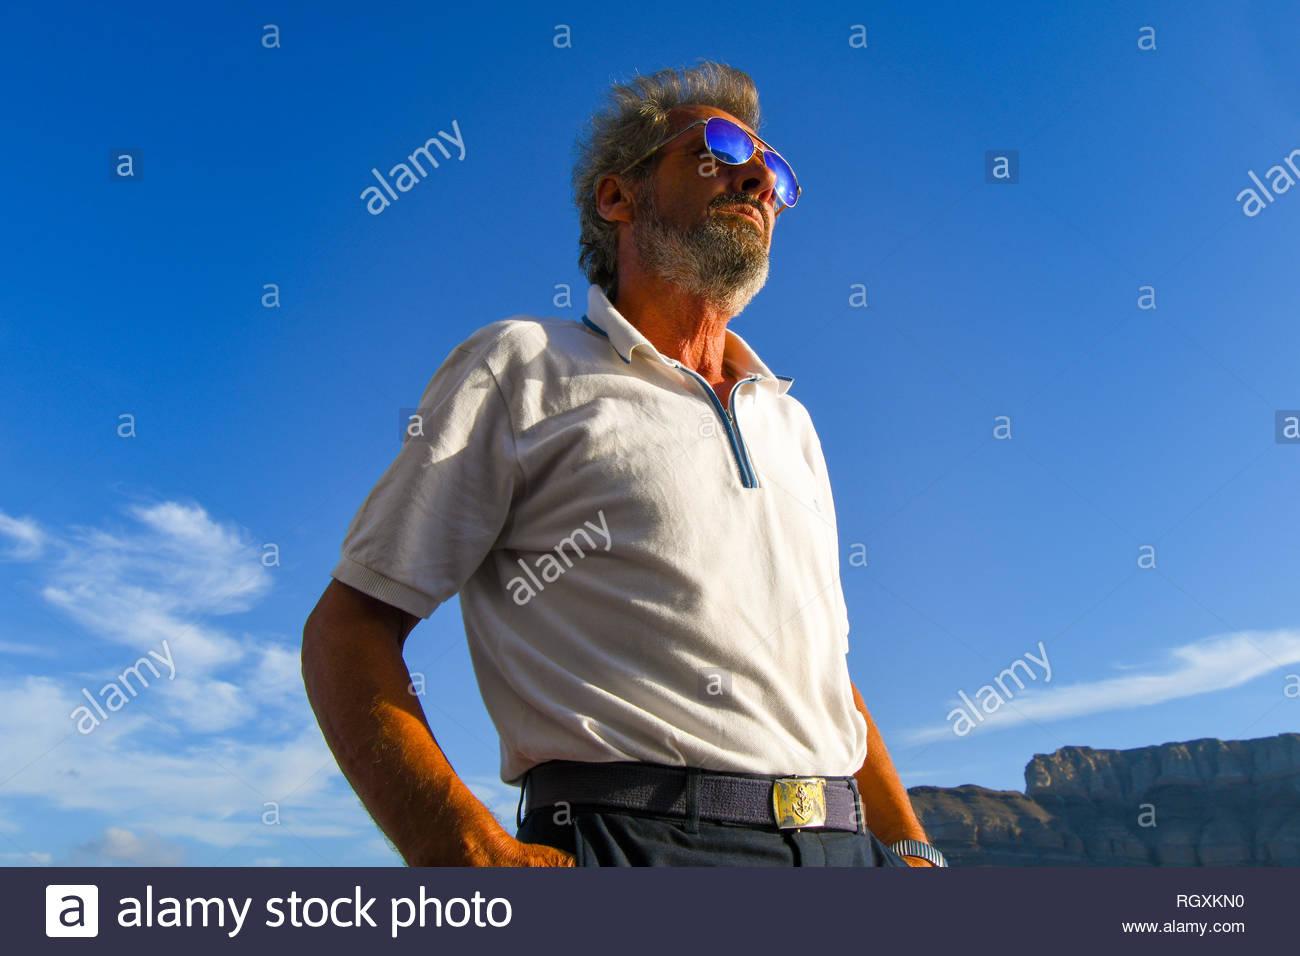 Gafas Distinguido Barba Griego Un Y Hombre Con Sol Aspecto De 8w0XPknO